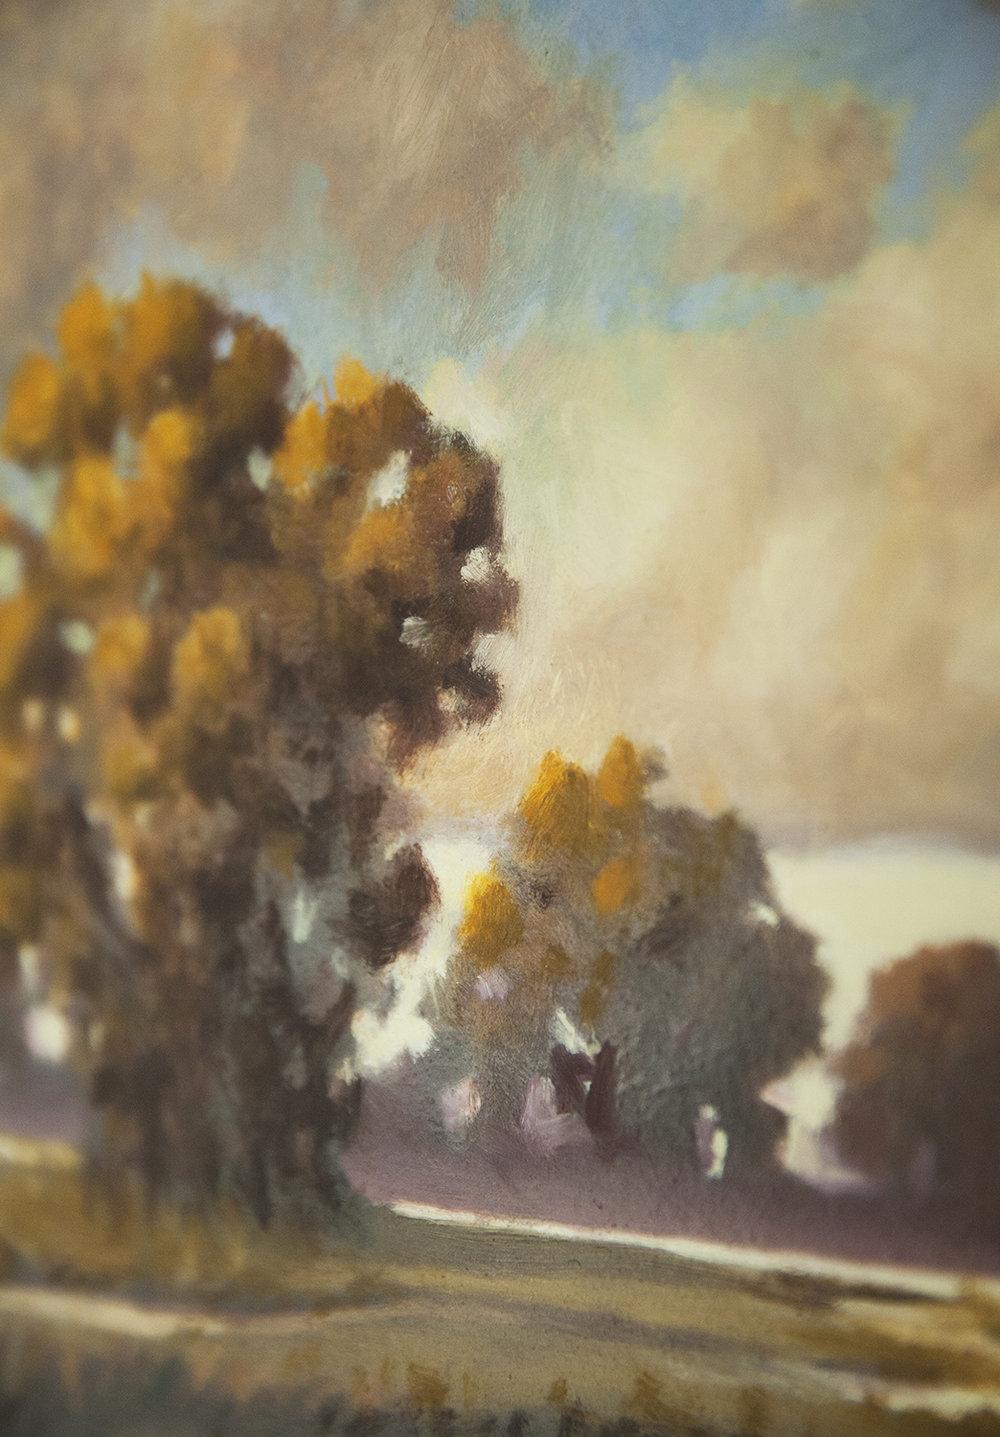 Original Oil on Wood - $450.00